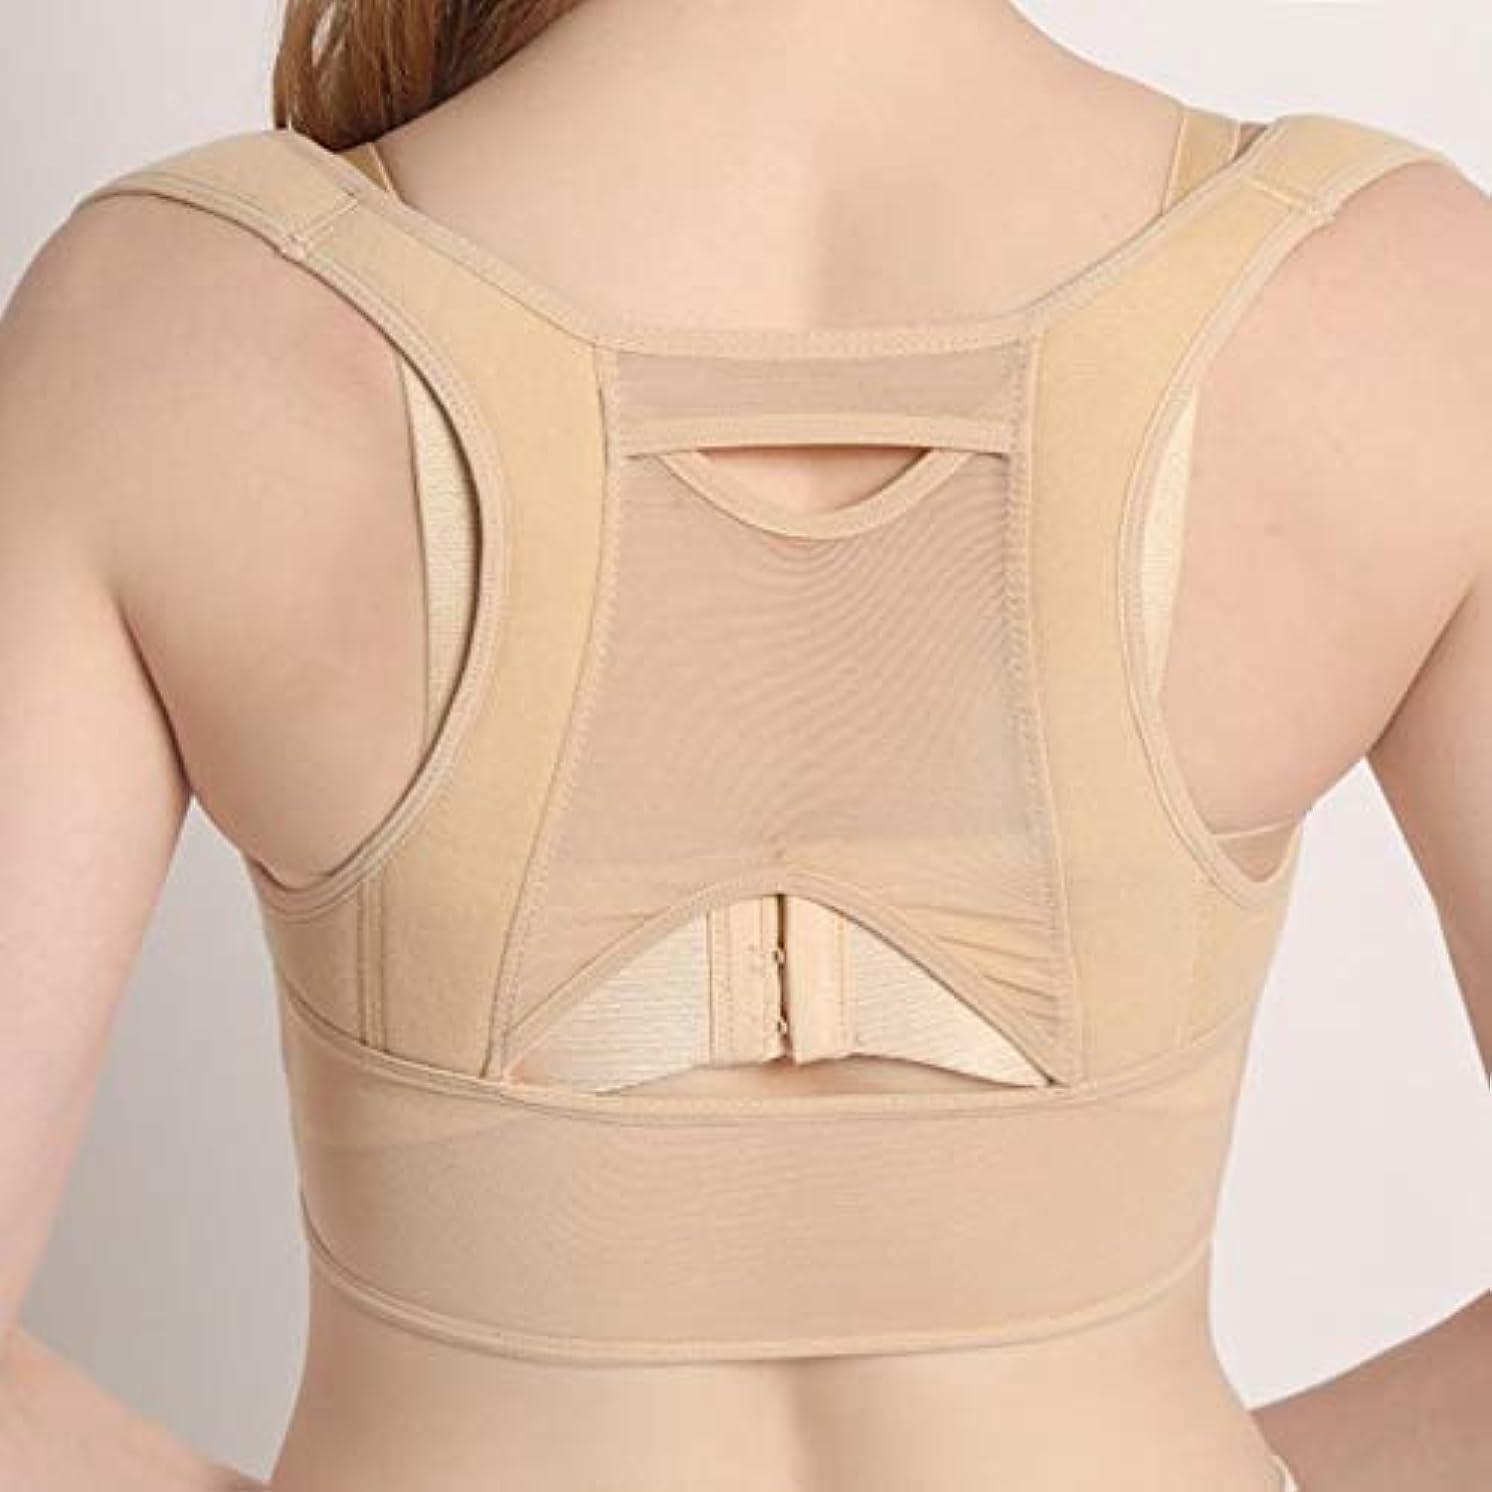 評議会暴露優勢通気性のある女性の背中の姿勢矯正コルセット整形外科の肩の背骨の姿勢矯正腰椎サポート - ベージュホワイトM